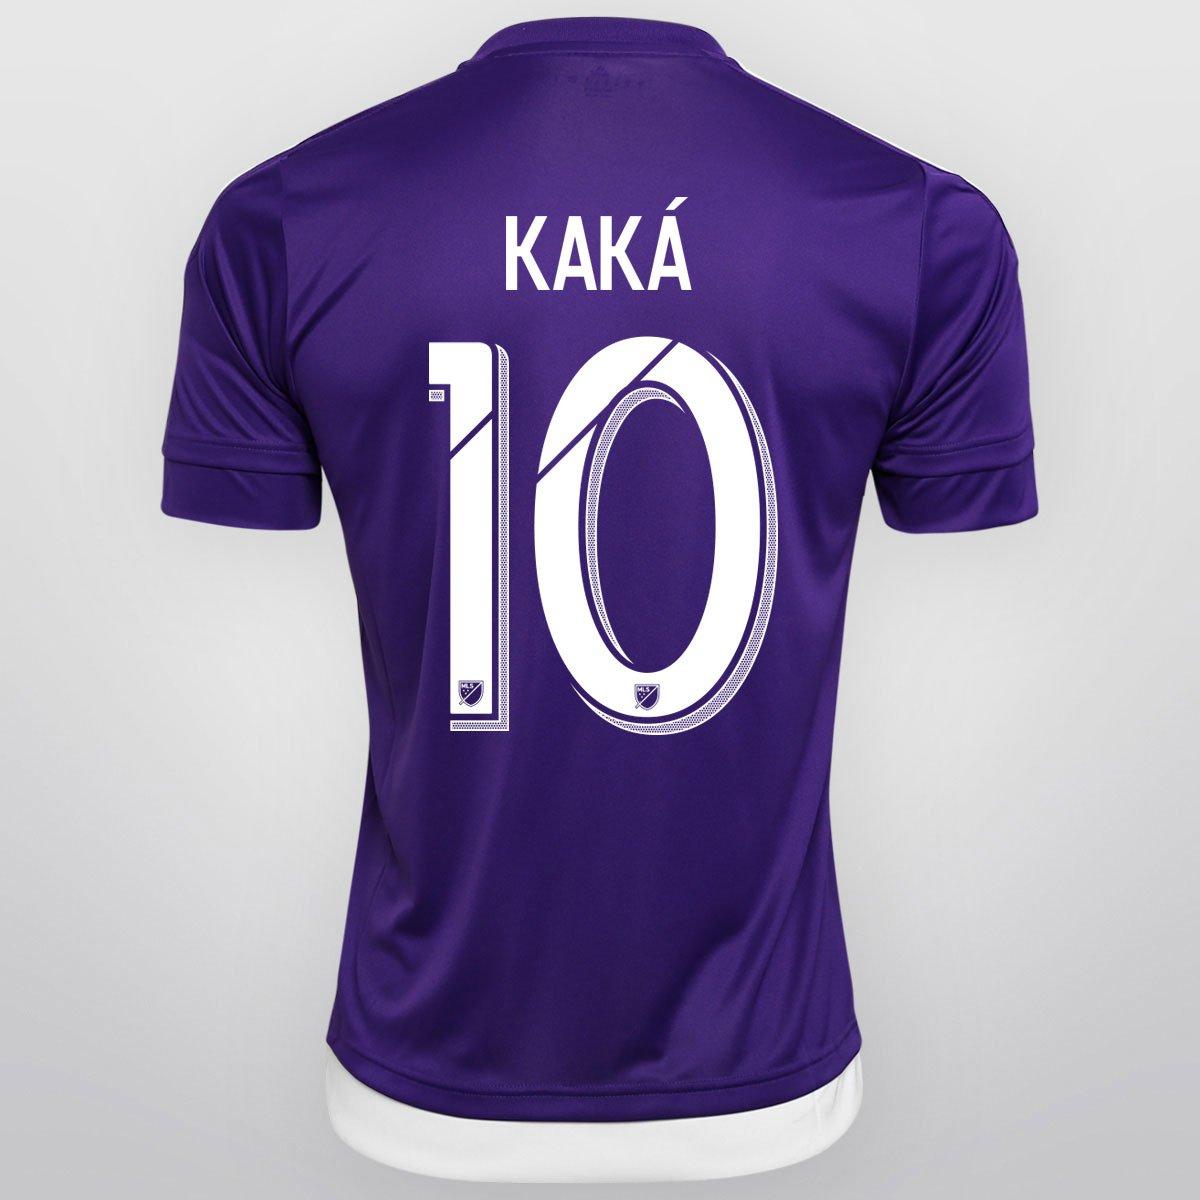 Camisa Adidas MLS Orlando City Home 15 16 nº 10 - Kaká - Compre Agora  01cfde5c52d00